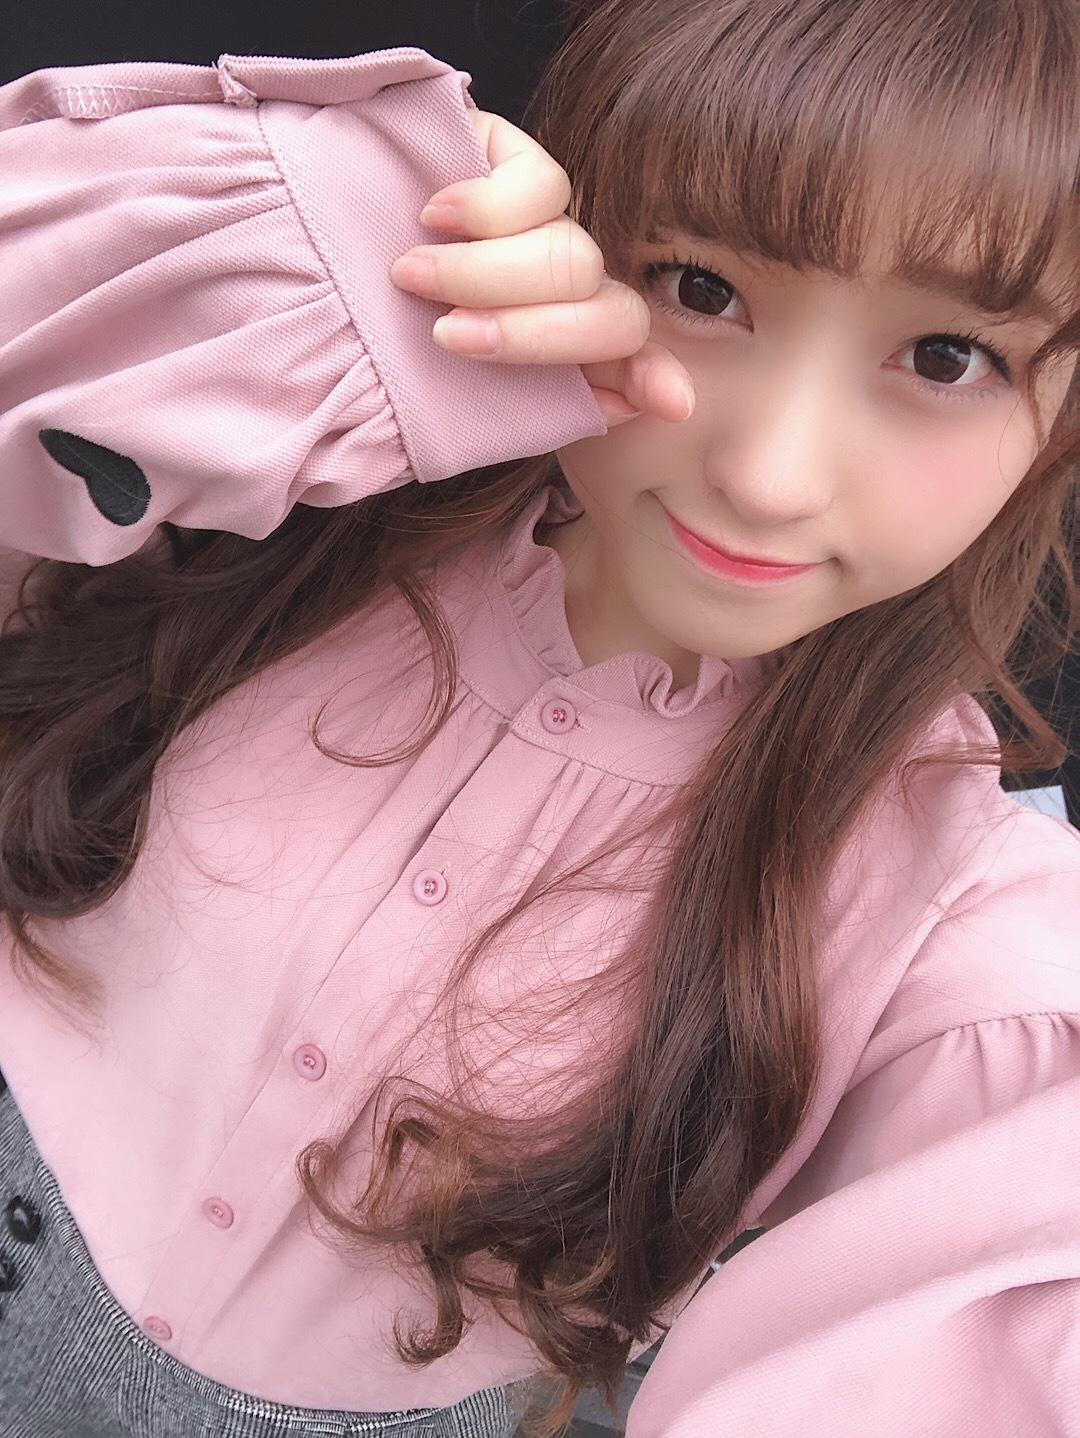 【韓国通販】Sweemy closet の春服コーデ 5選︎❤︎︎_1_10-1